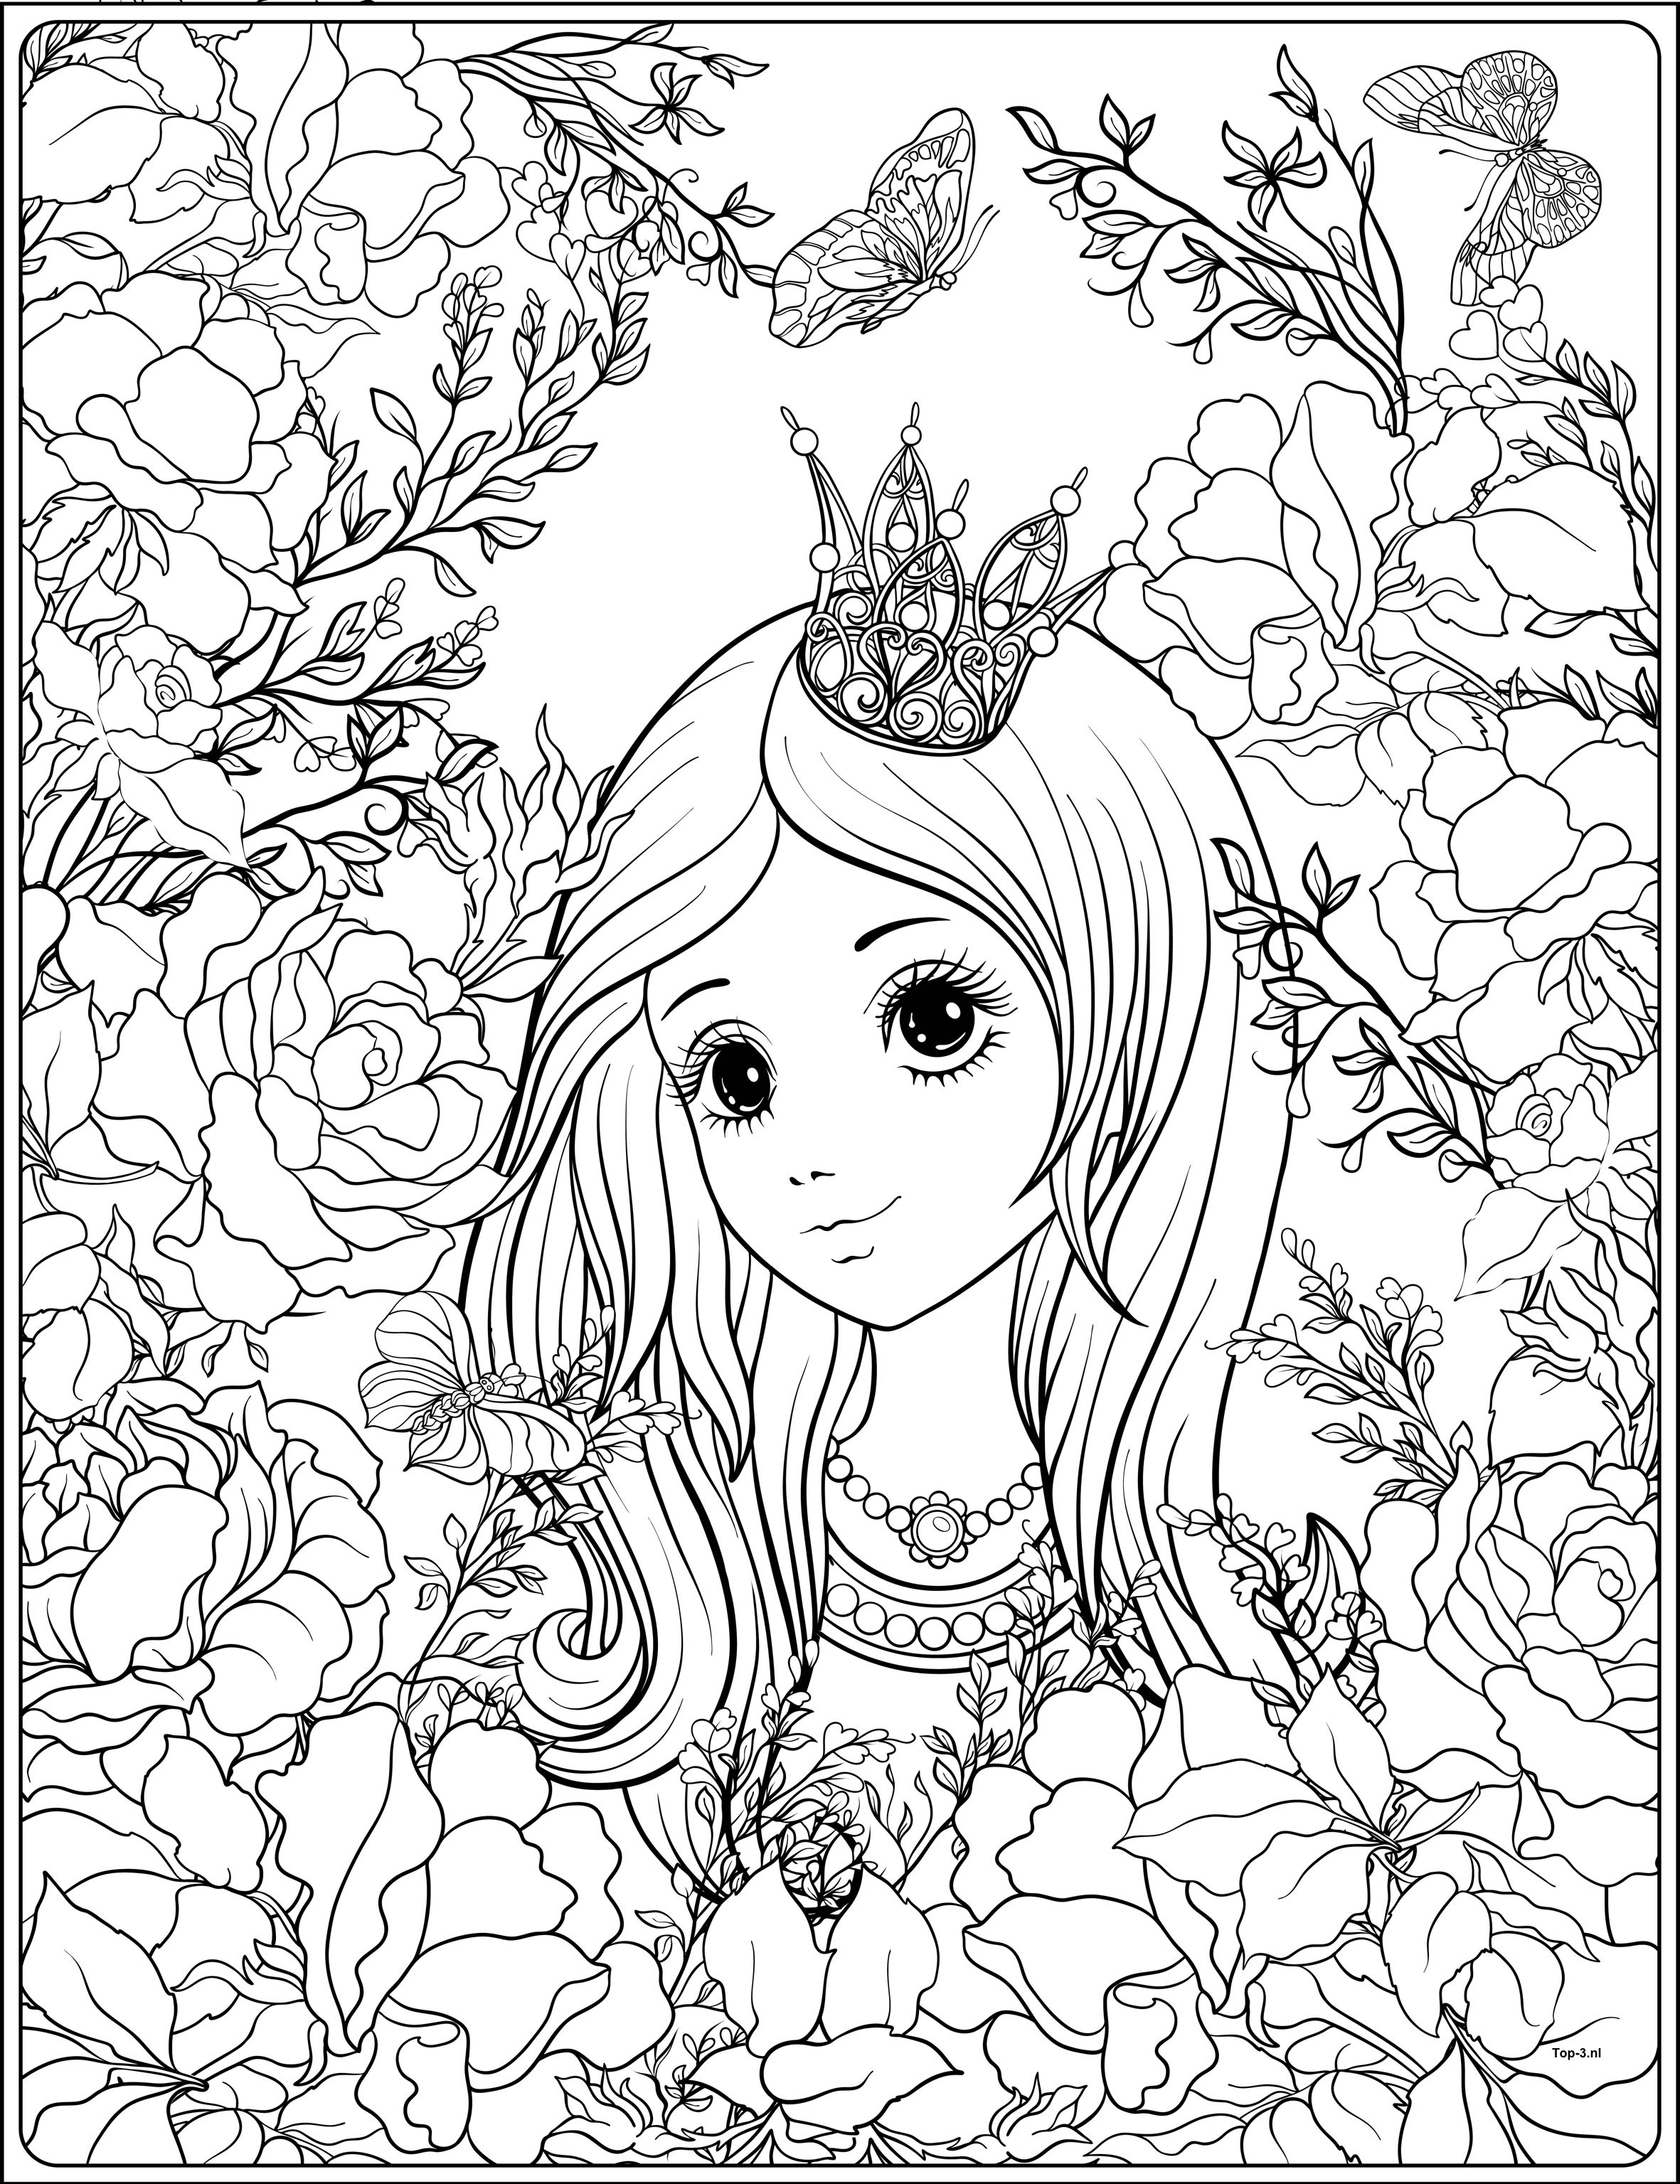 prinses zeemeermin en sprookjes kleurplaten top 3 kado